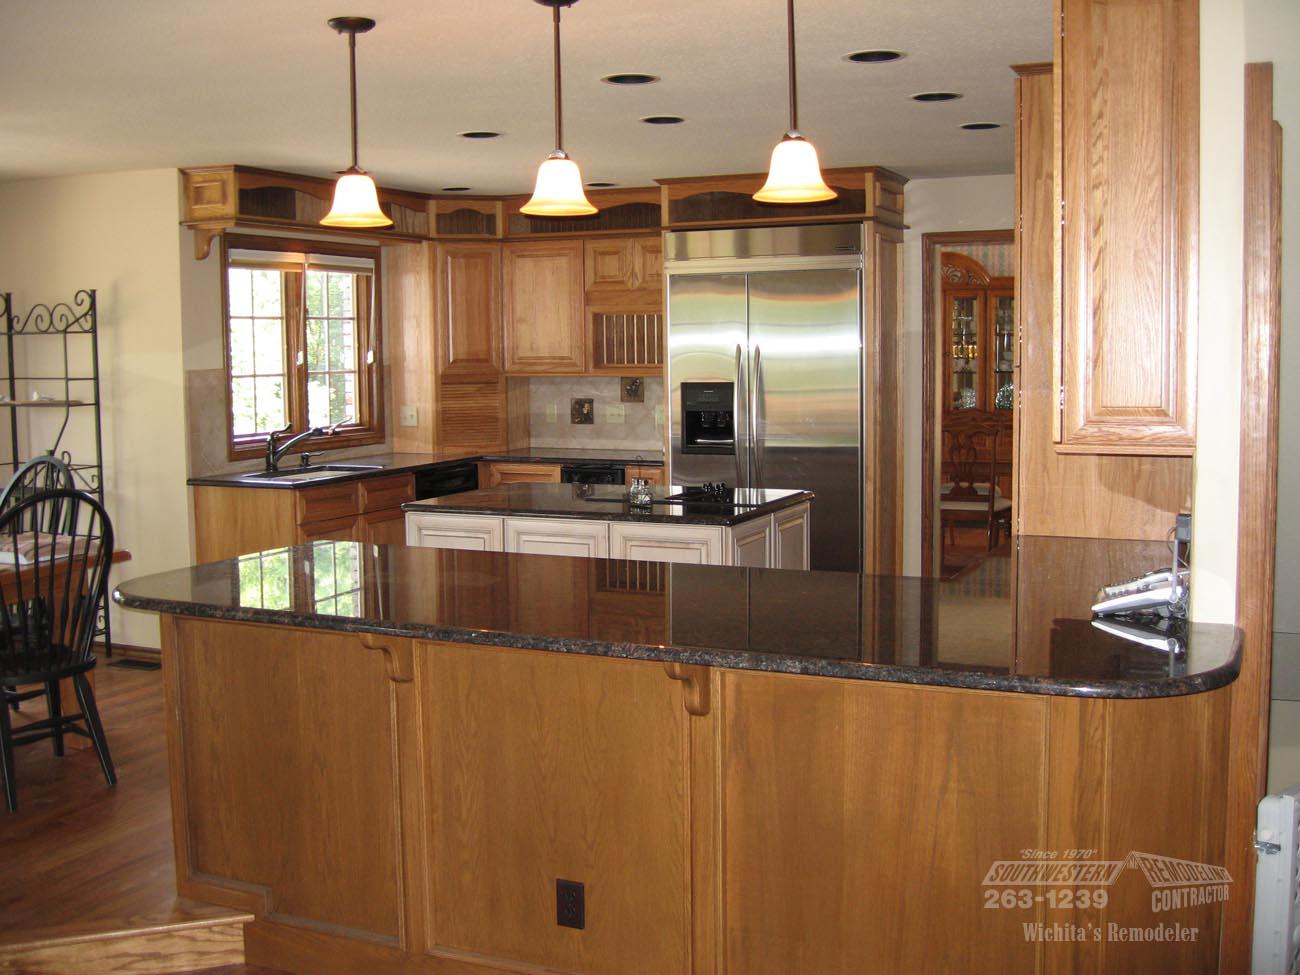 kitchen remodeling remodeling kitchens 36 Southwestern Remodeling Kitchens 6